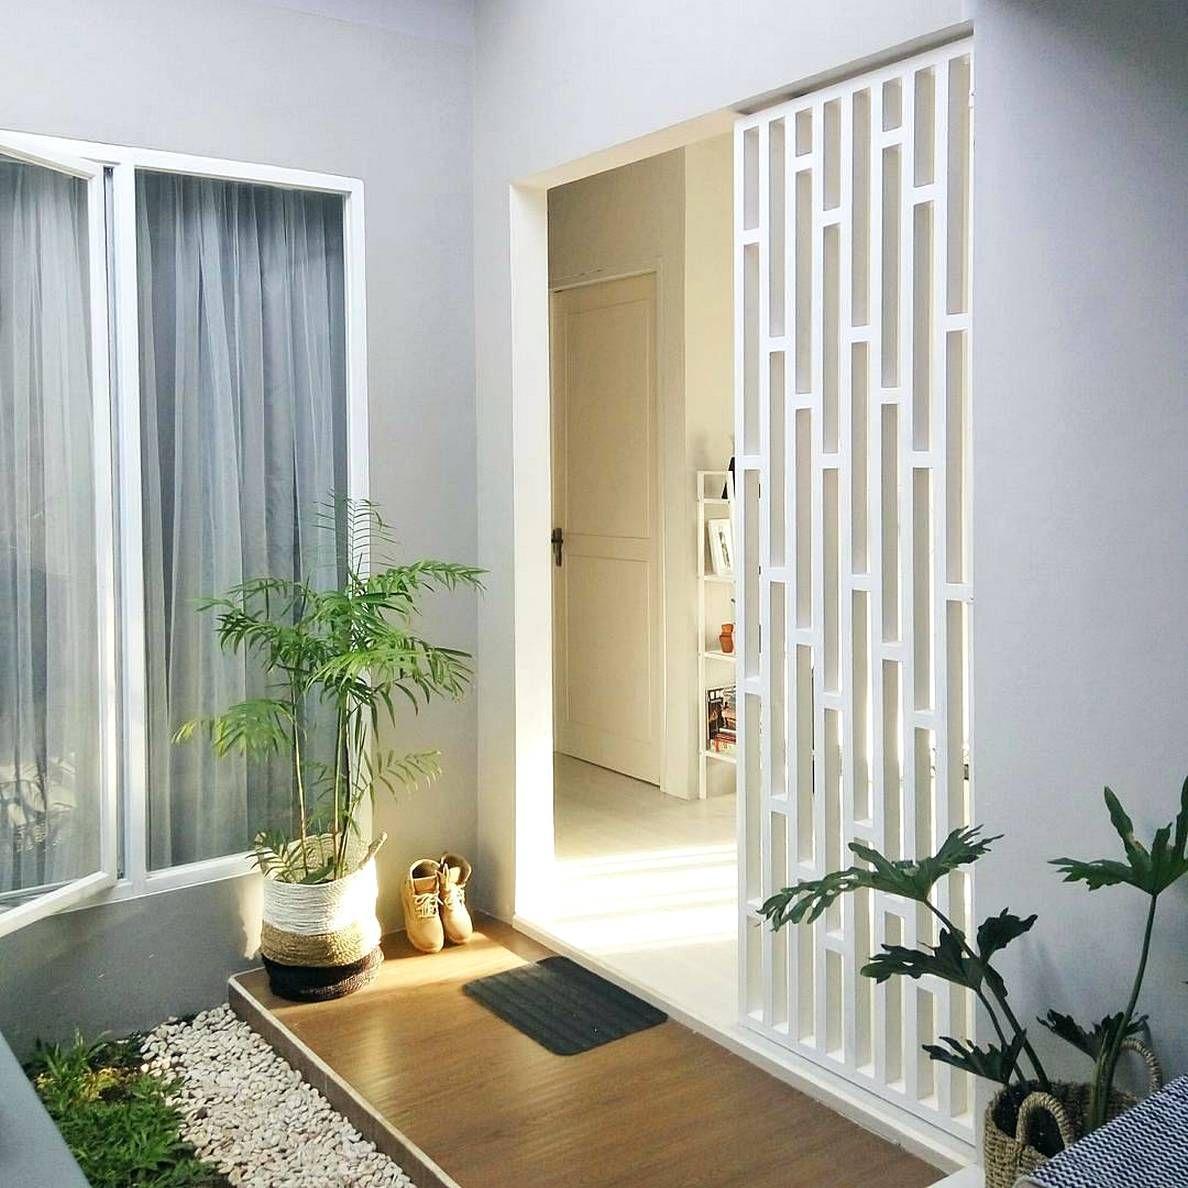 Taman minimalis dalam rumah also teralis pinterest home decor rh